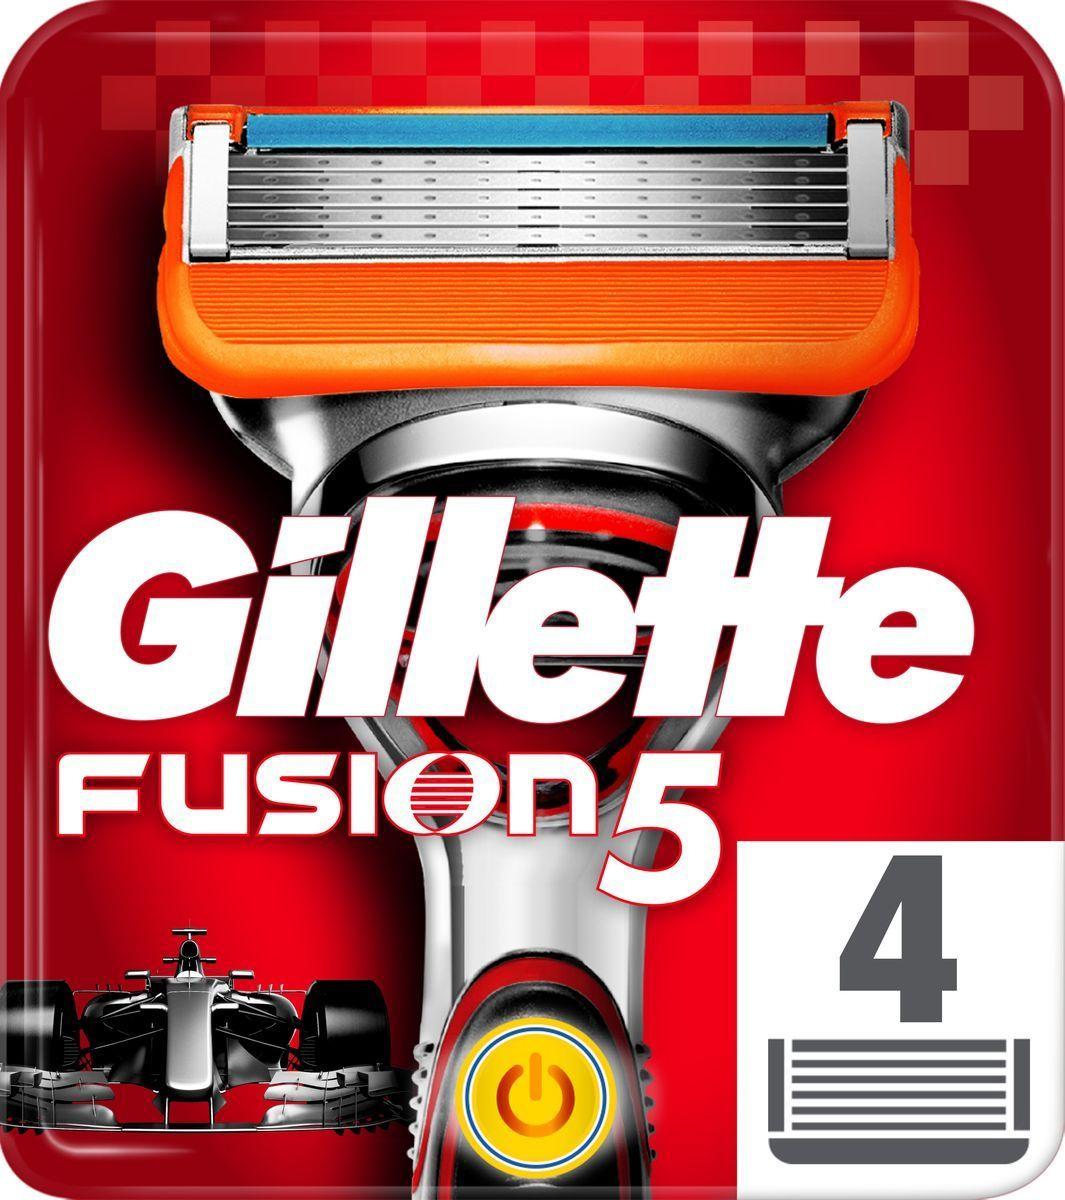 Сменные Кассеты Gillette Fusion5 Power Для Мужской Бритвы,4 шт